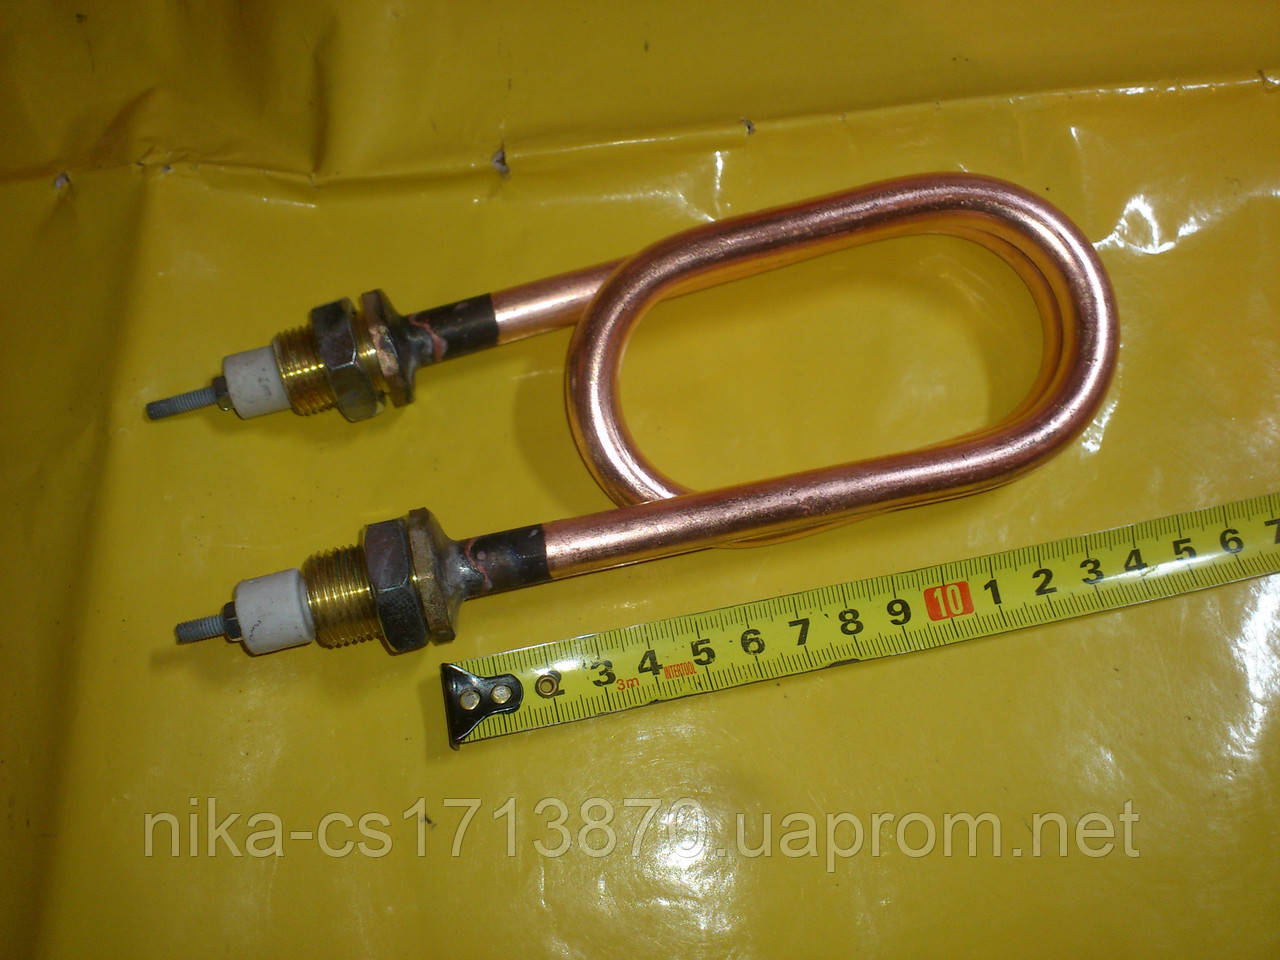 Медный тэн скрепка для дистиллированния воды 2.0 кВт. / 220 В. резьба м-18 мм. Украина .